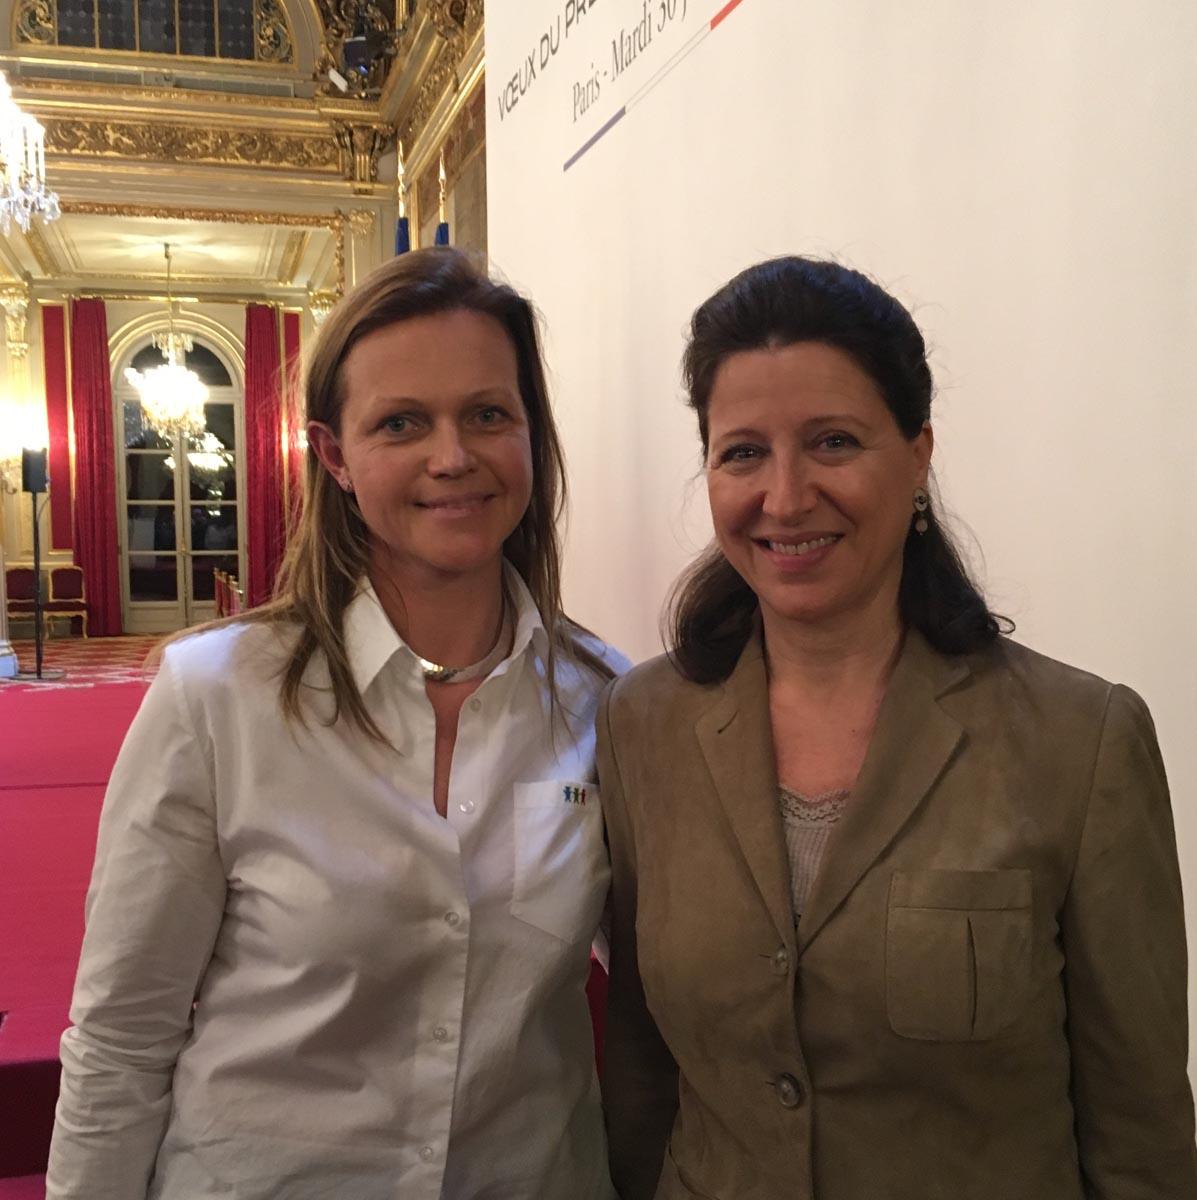 Agnès Buzyn Ministre de la Santé - Elysée - 31 janvier 2018